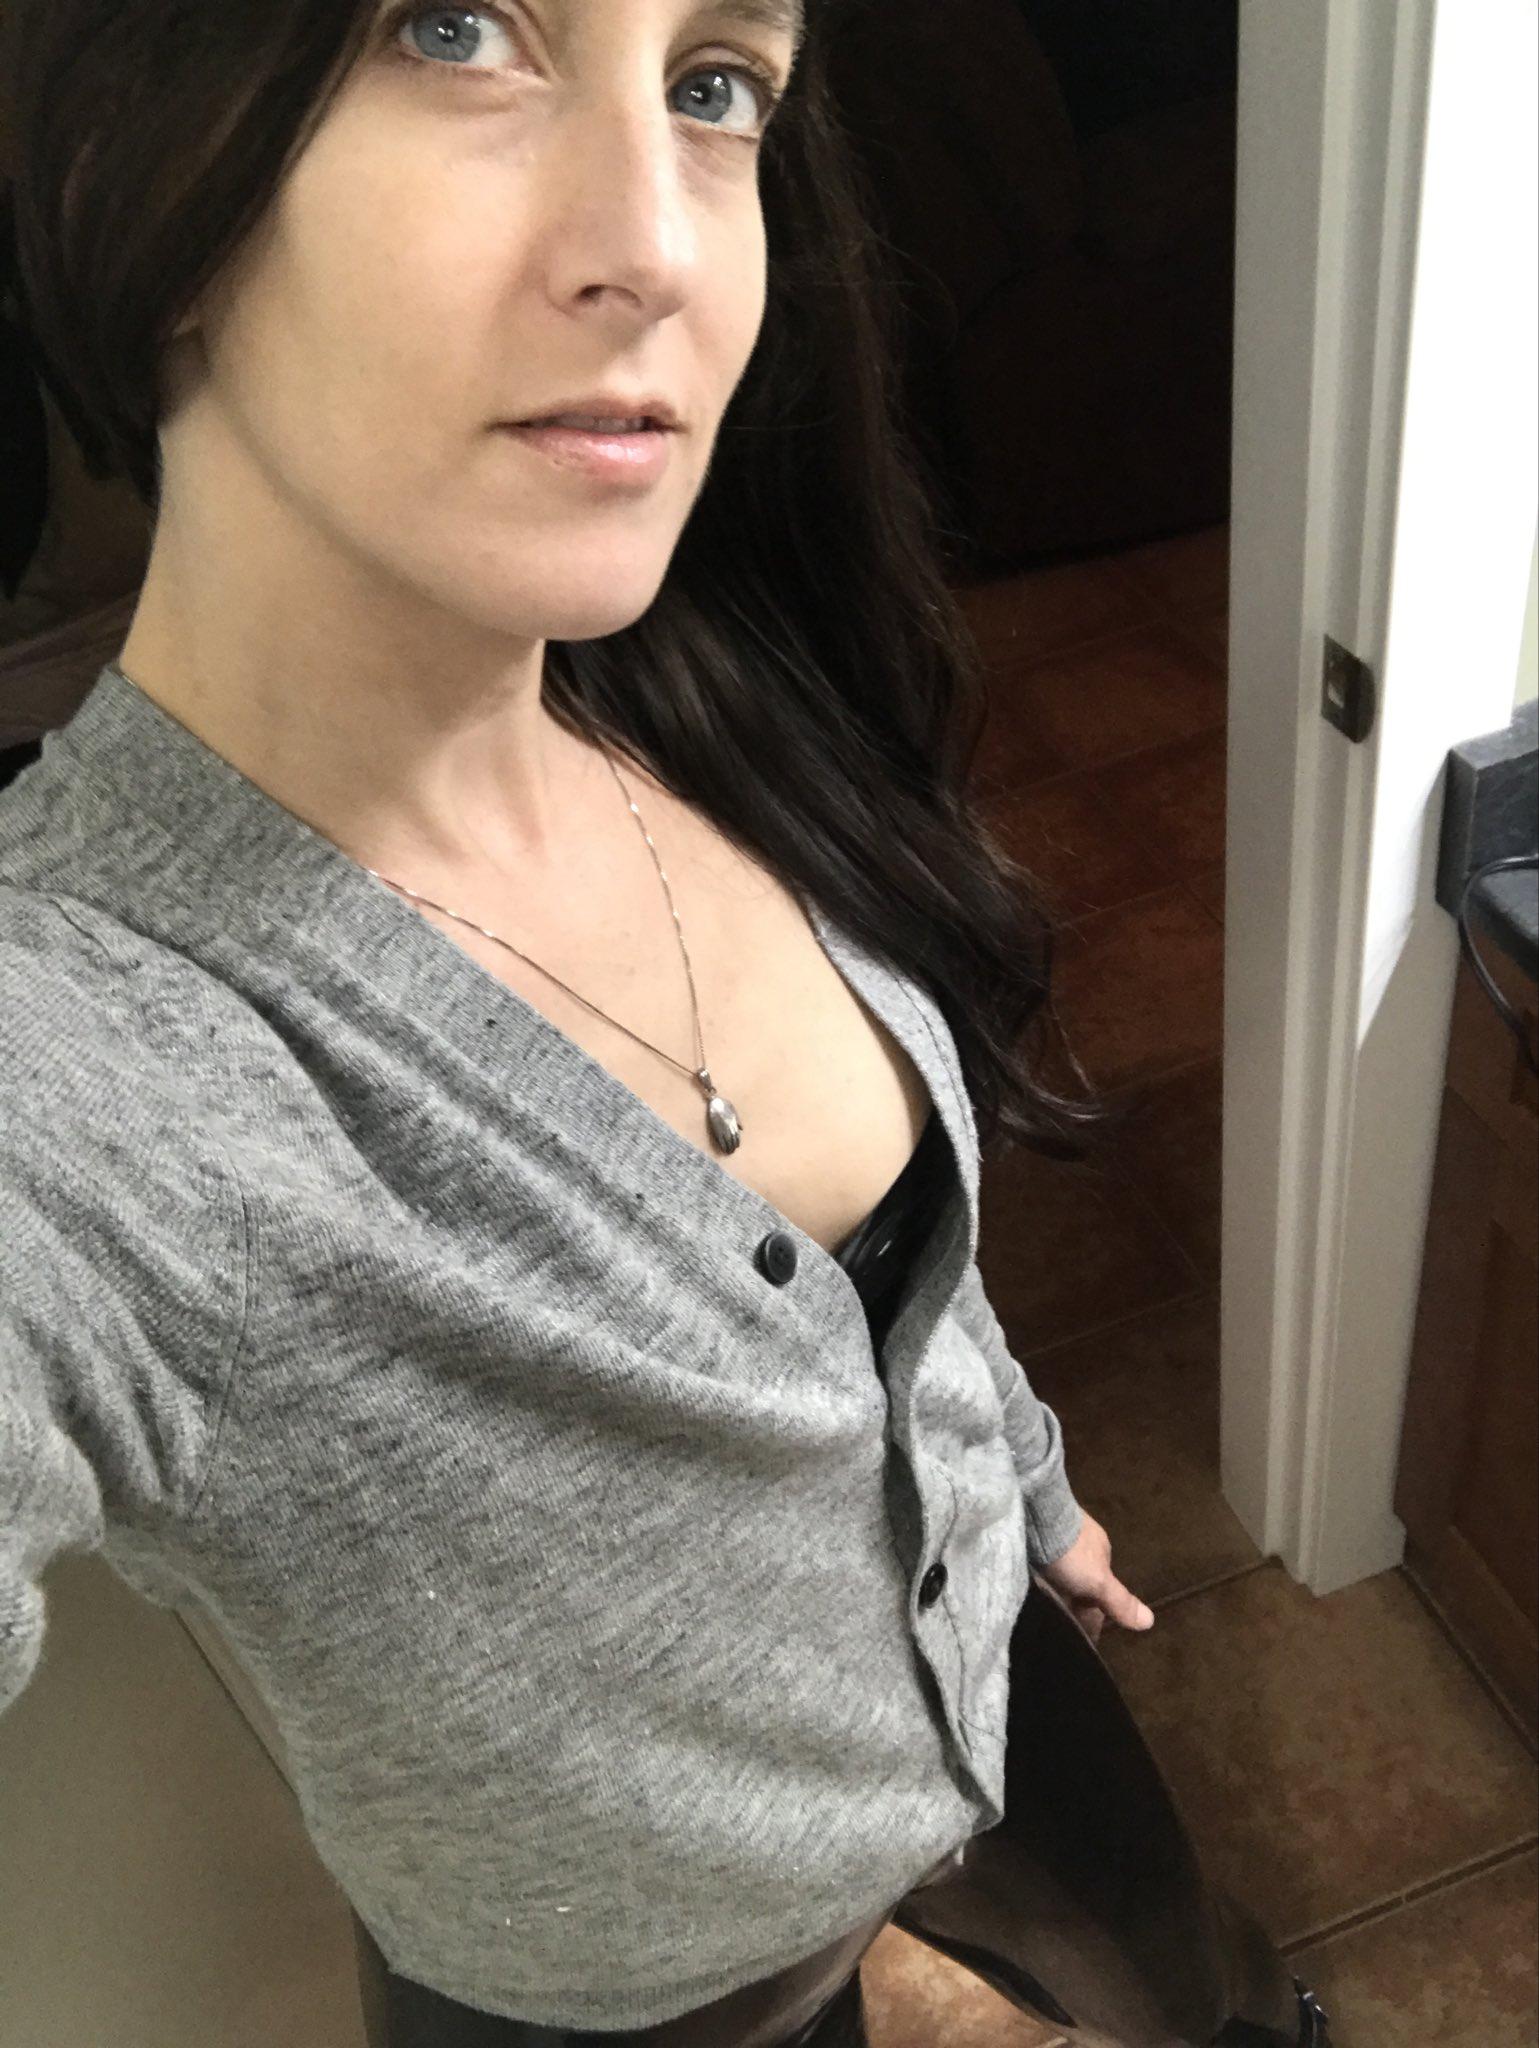 TW Pornstars - 2 pic. Elise Graves. Twitter. Happy